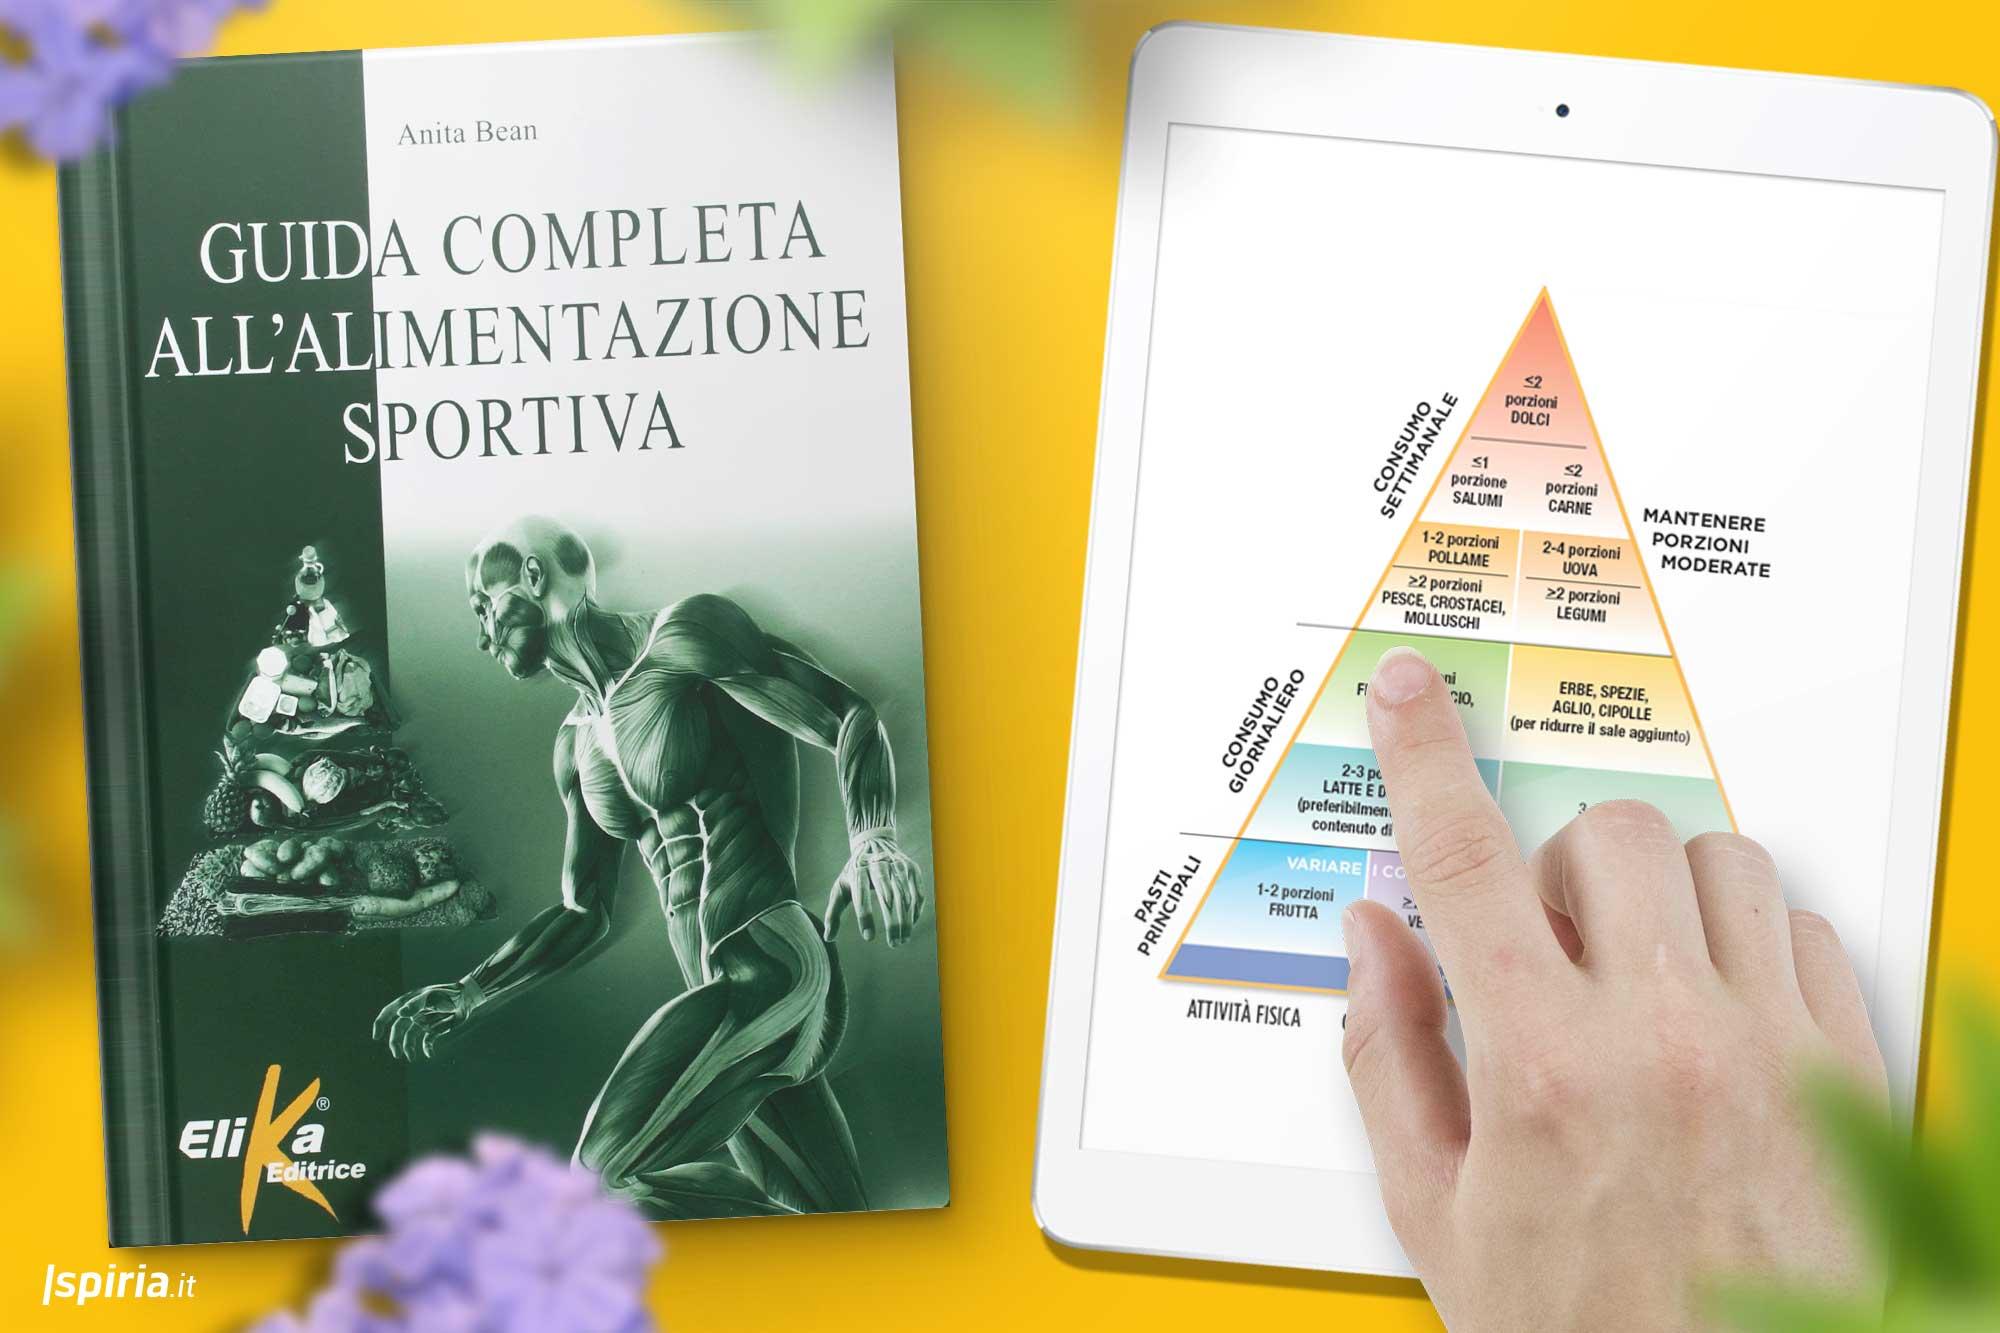 Guida-alimentazione-sportiva-migliori-libri-sport